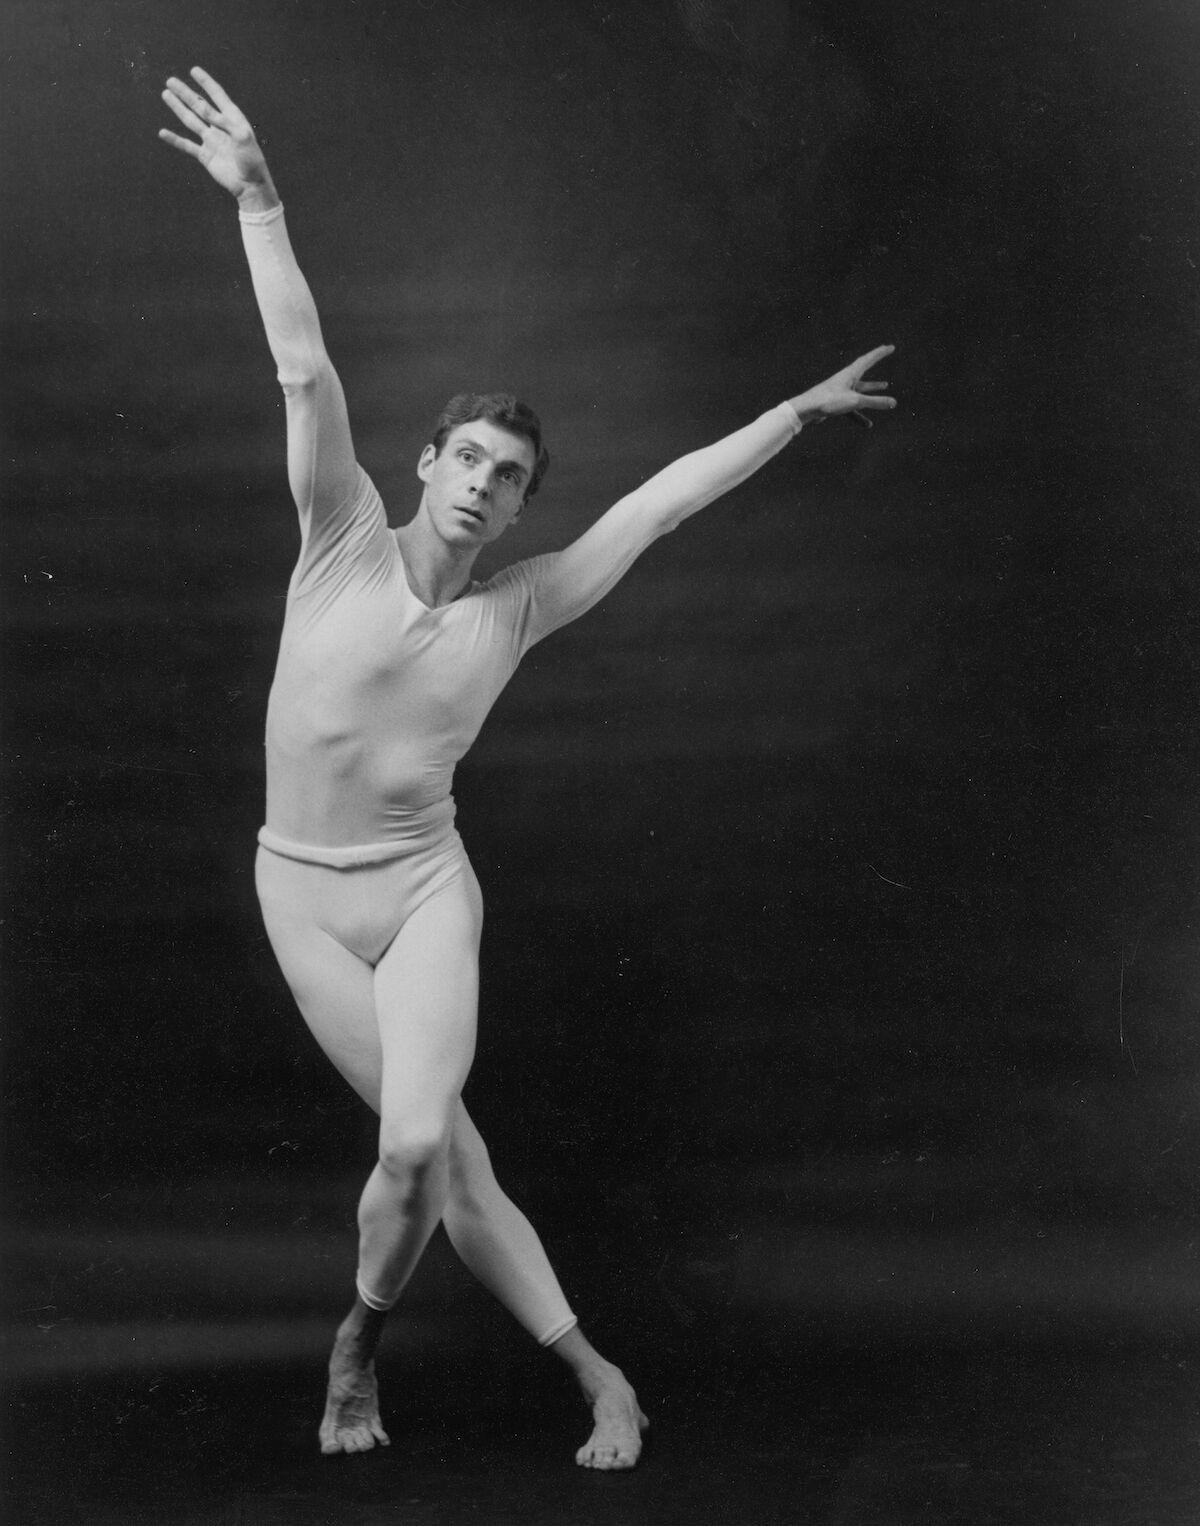 Paul Taylor. Photo courtesy the Paul Taylor Dance Foundation.